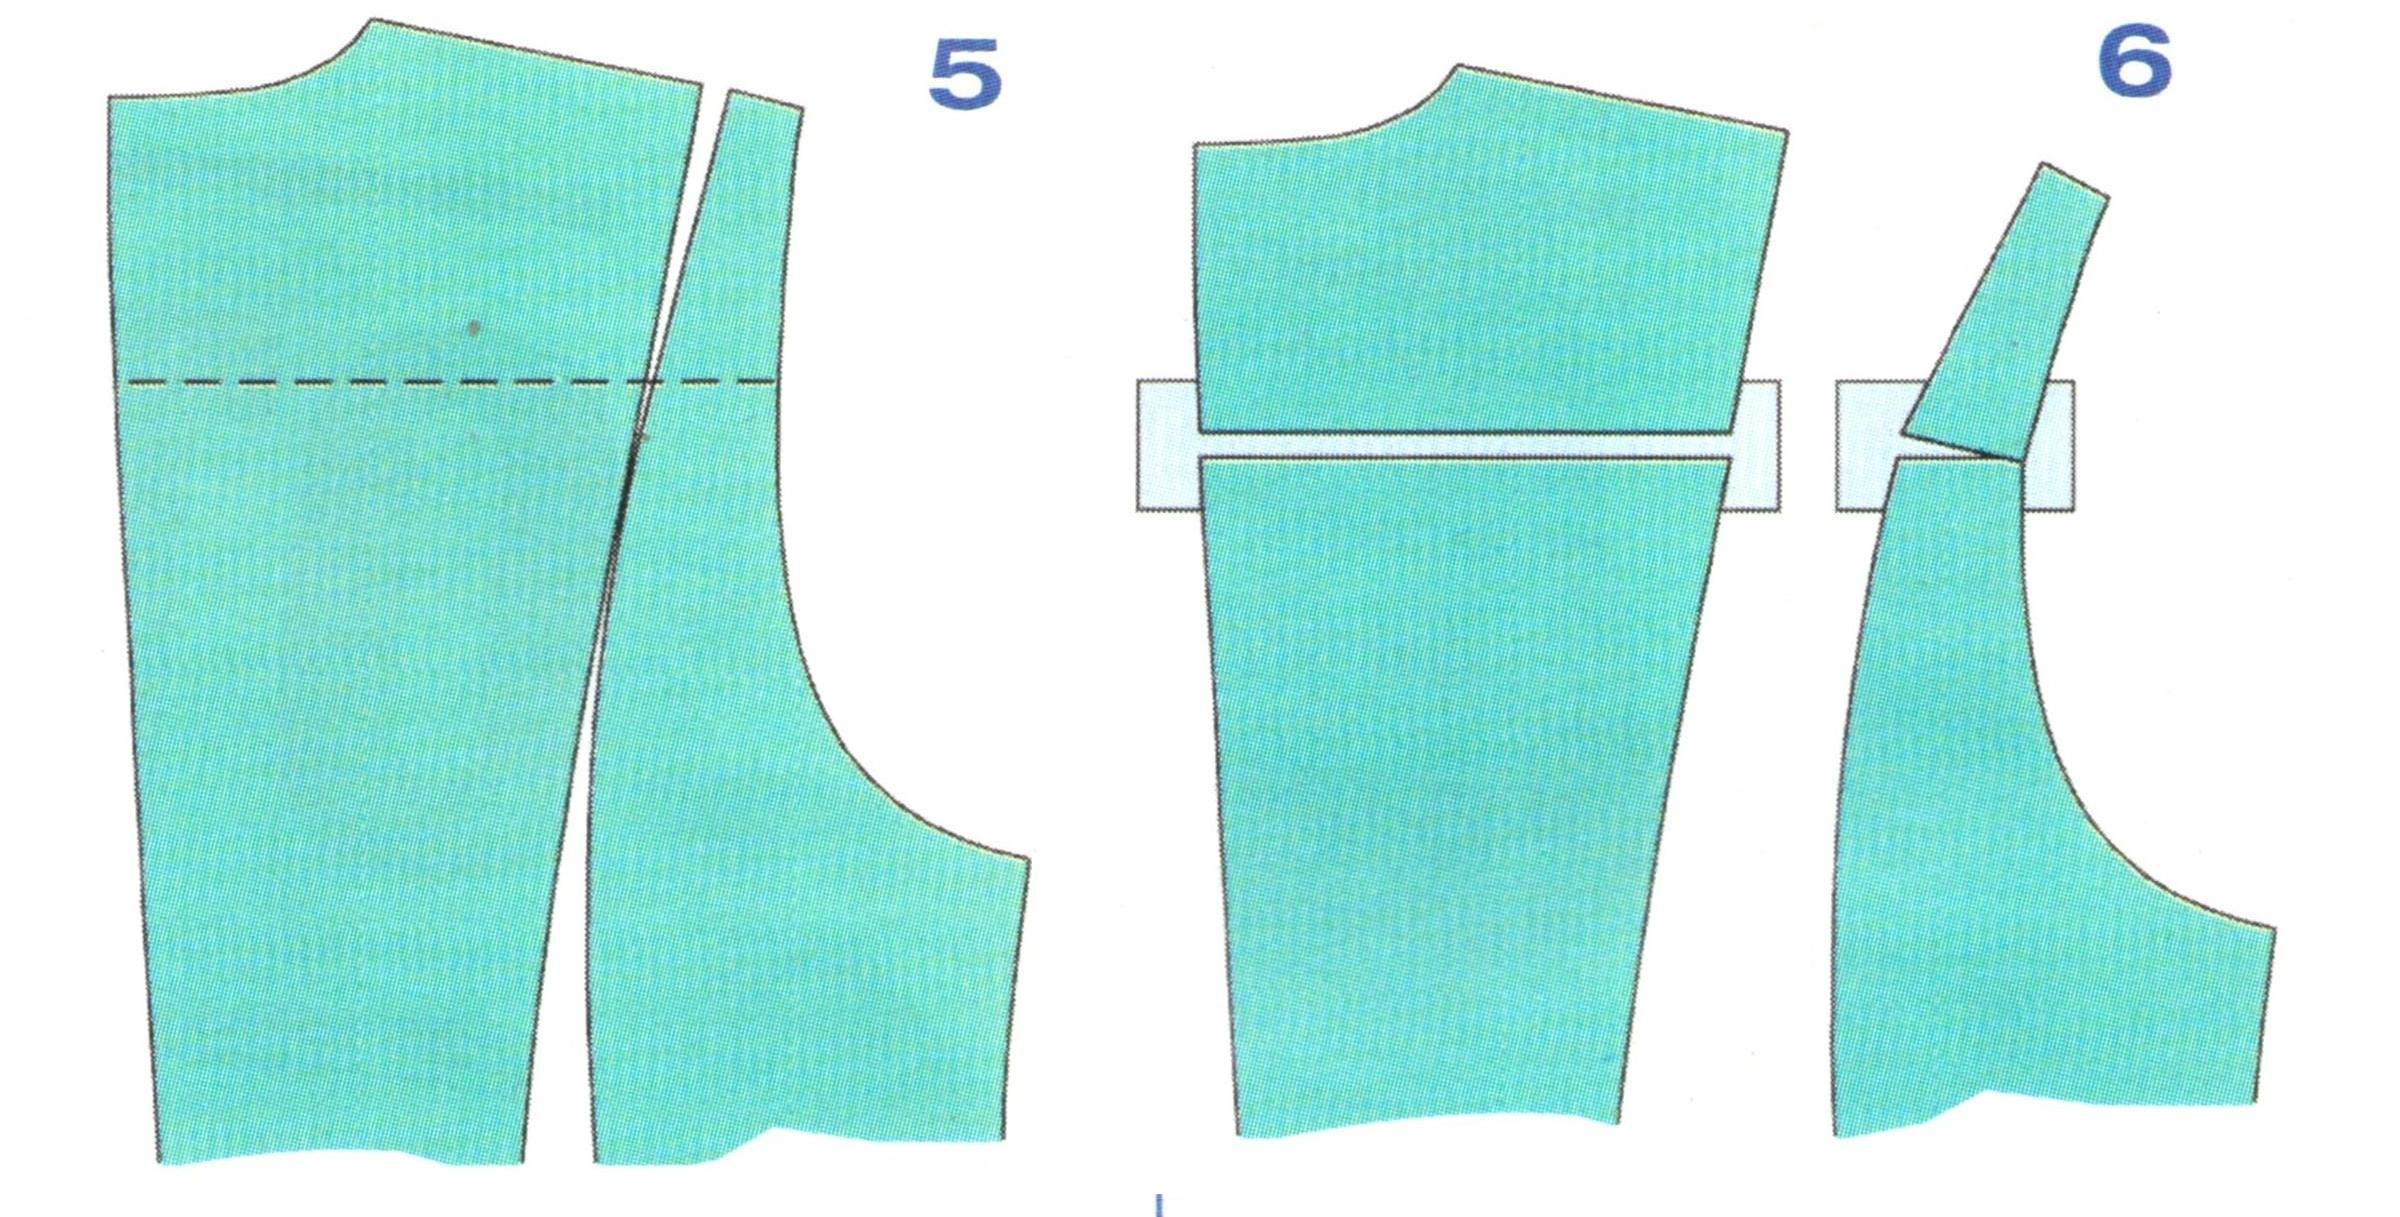 выкройки спинки с рельефом (5-6)